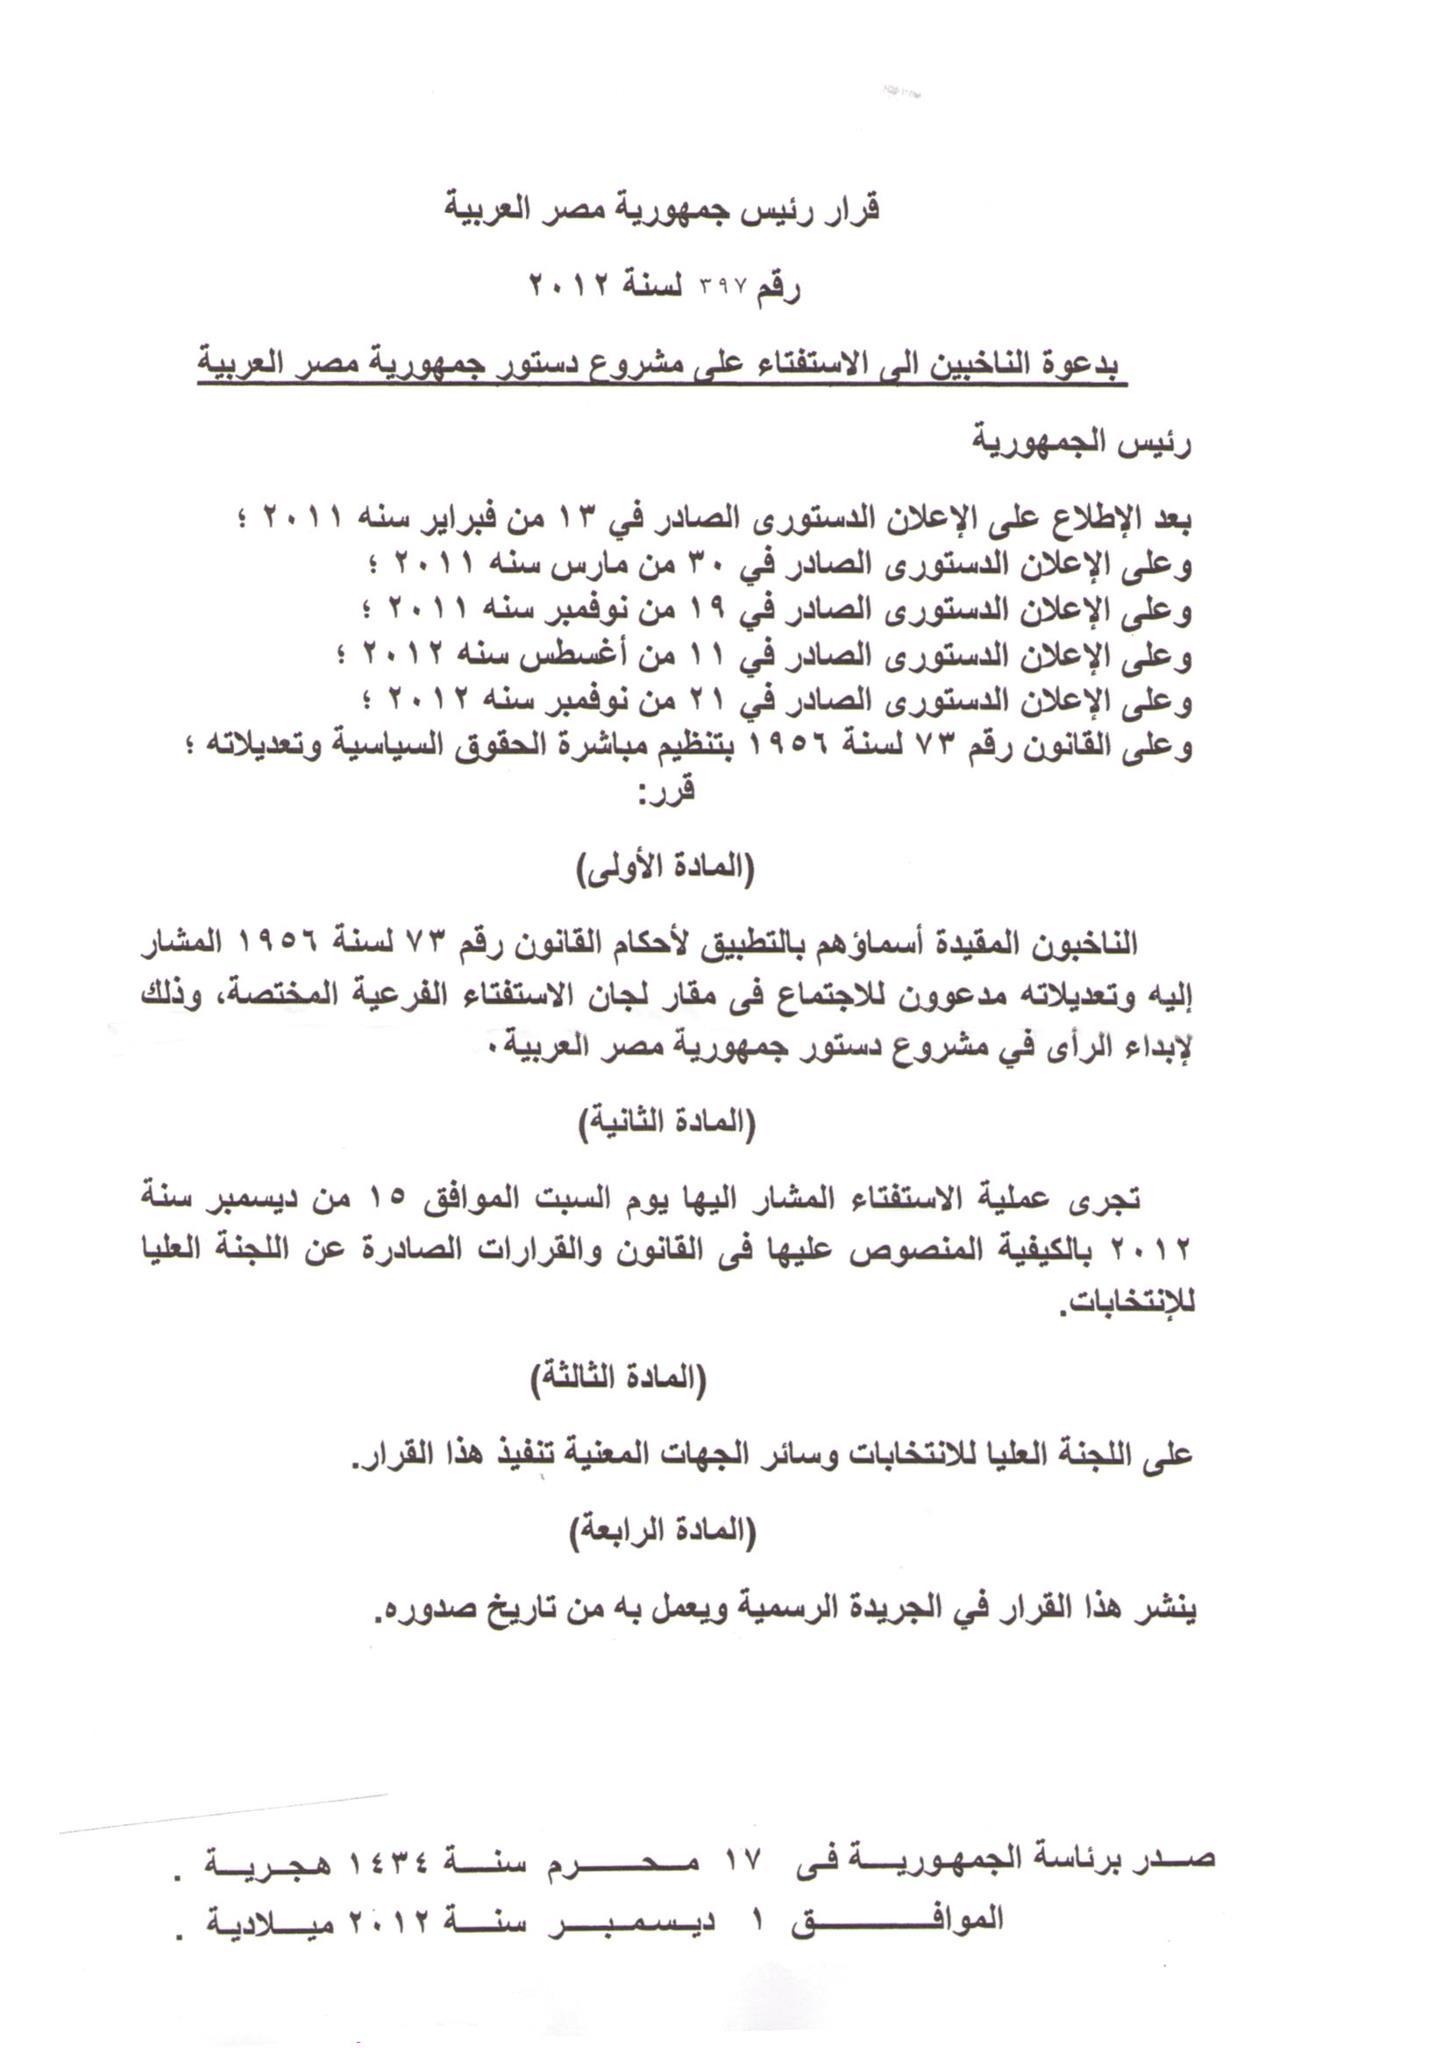 دعوة الناخبين للاستفتاء على الدستور